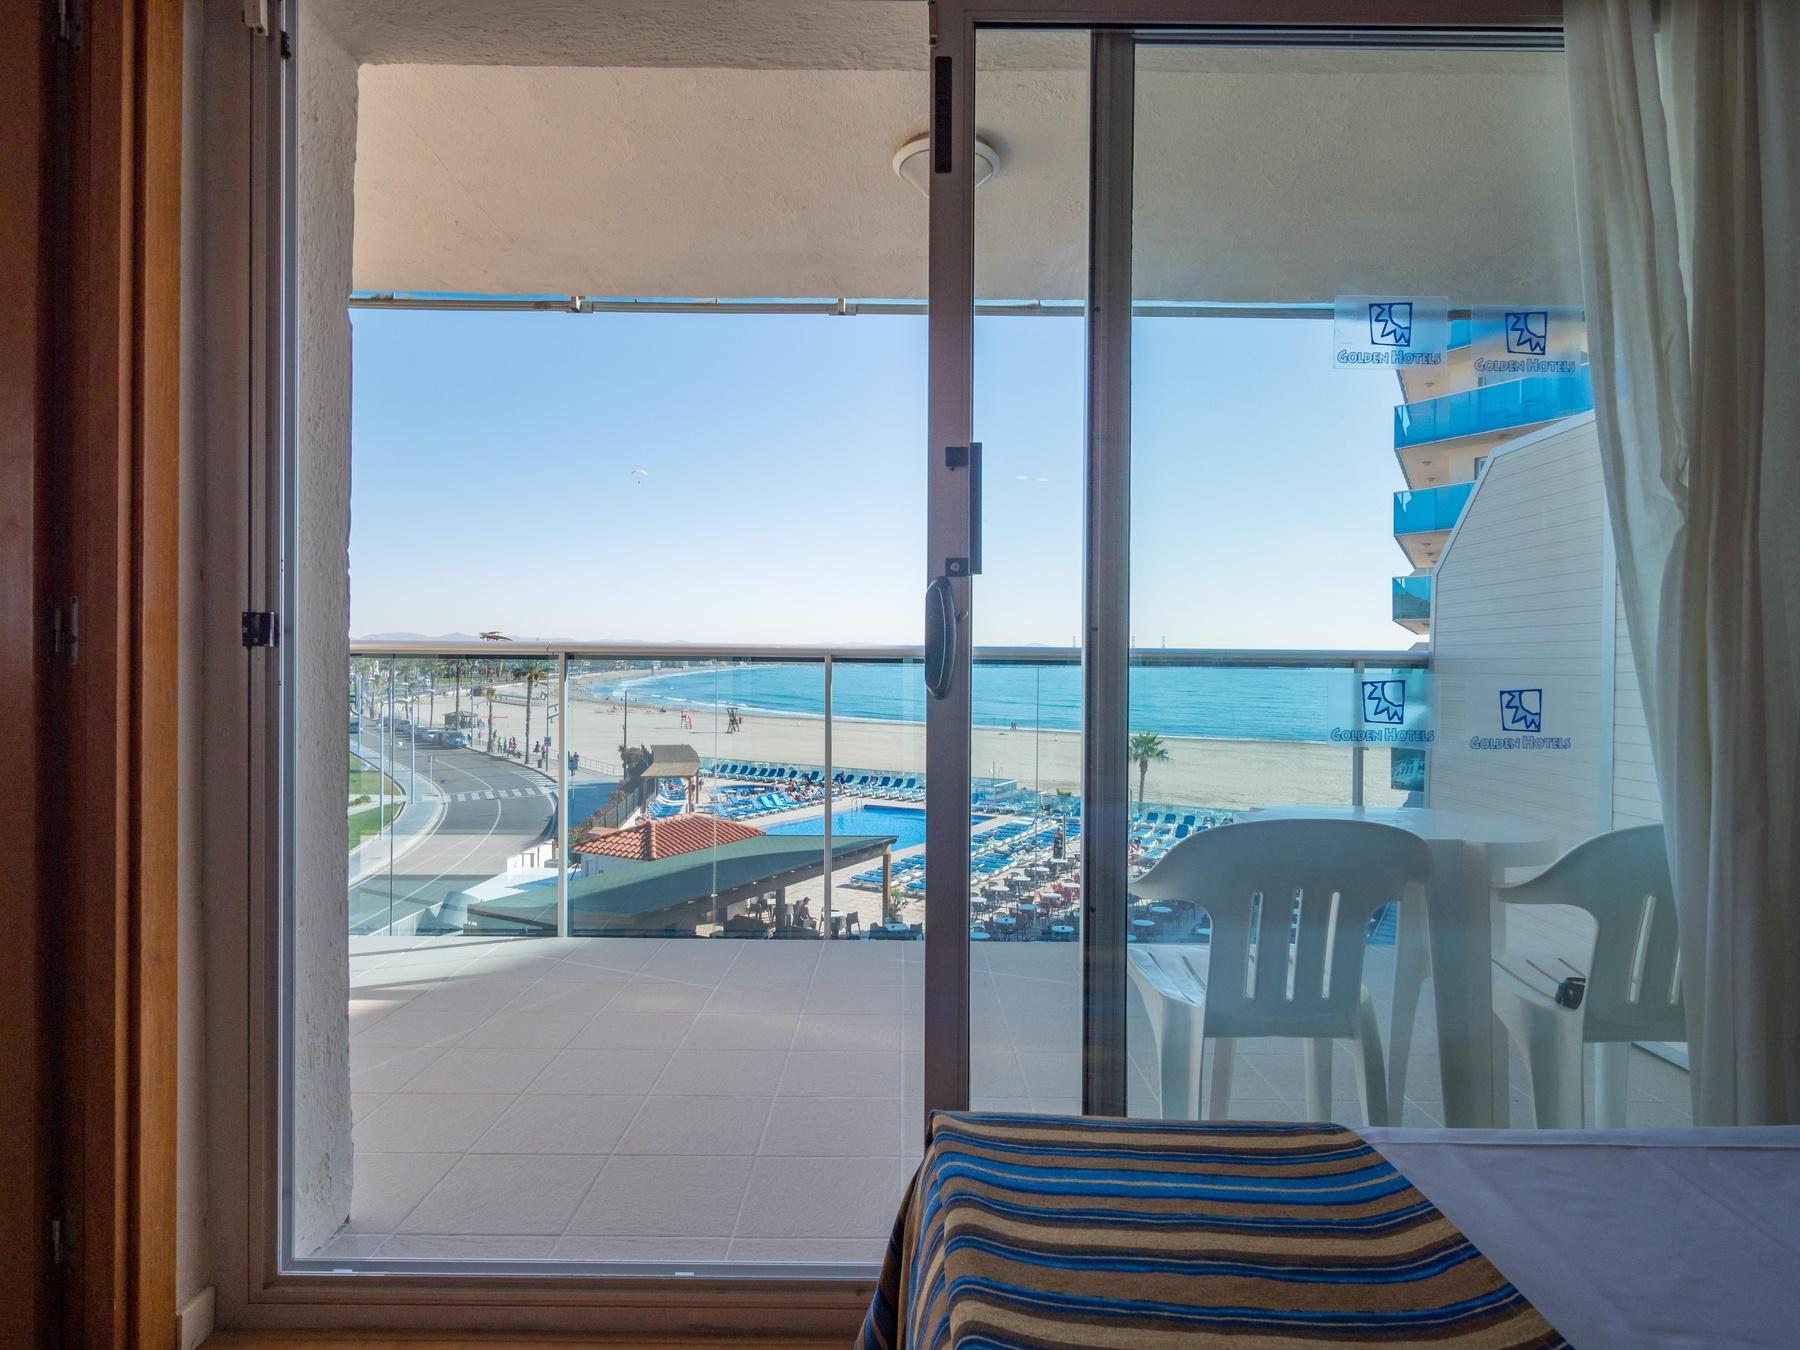 Hotel con habitaciones familiares en la playa de salou for Alquiler de habitacion en hotel familiar